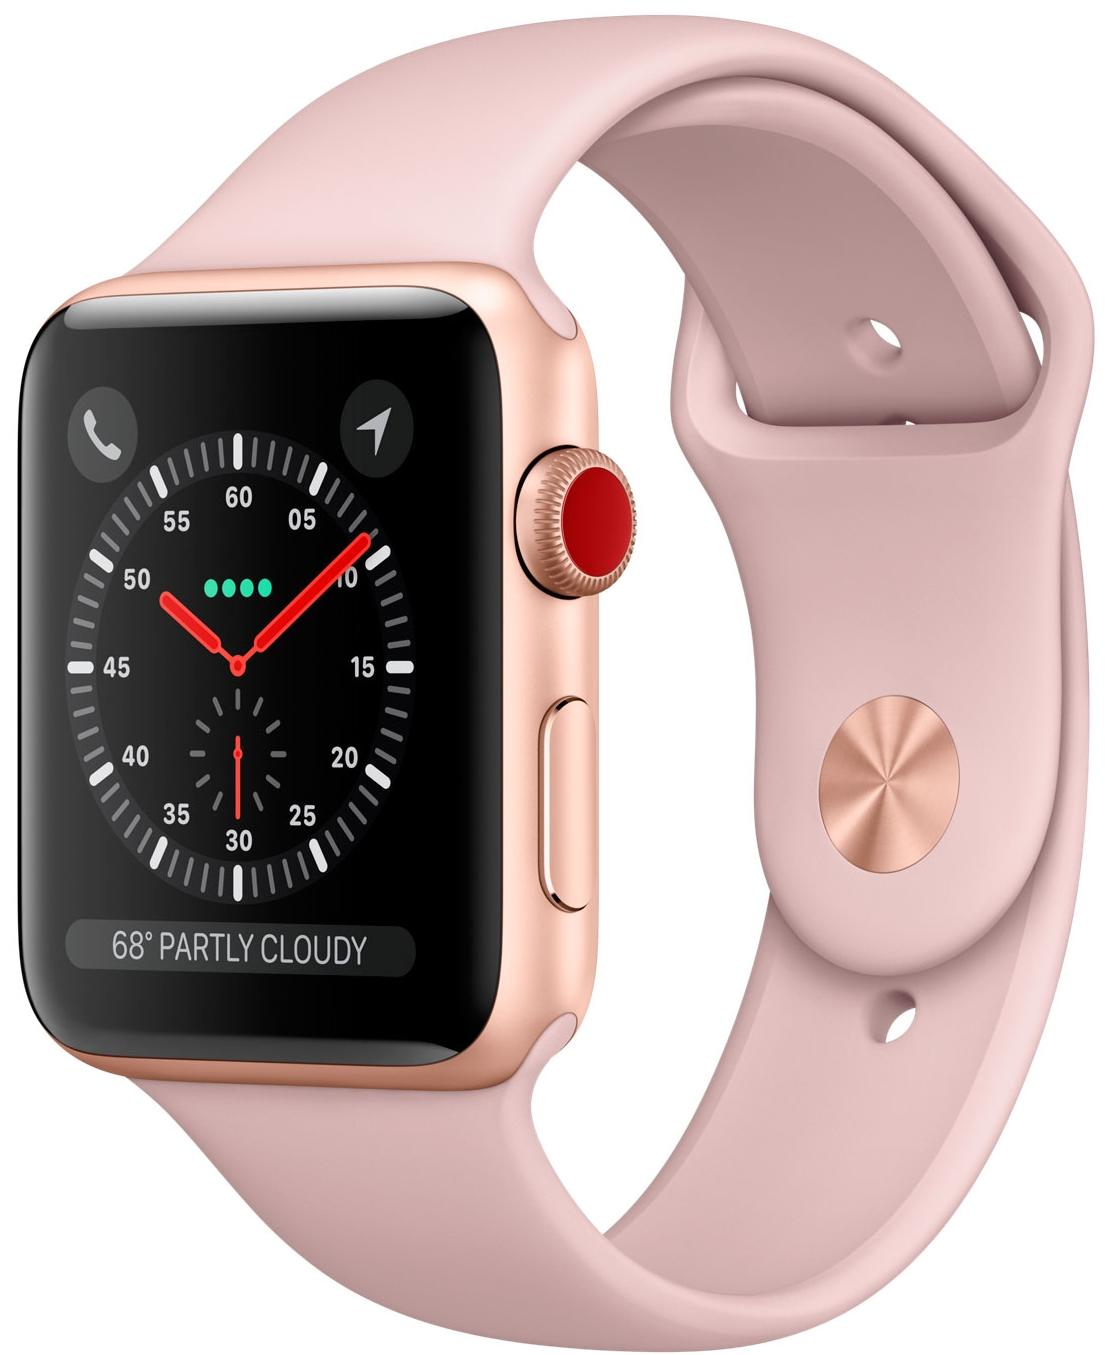 Apple Watch Series 3 Cellular 38мм, корпус из золотистого алюминия, спортивный ремешок цвета «розовый песок» (MQJQ2)